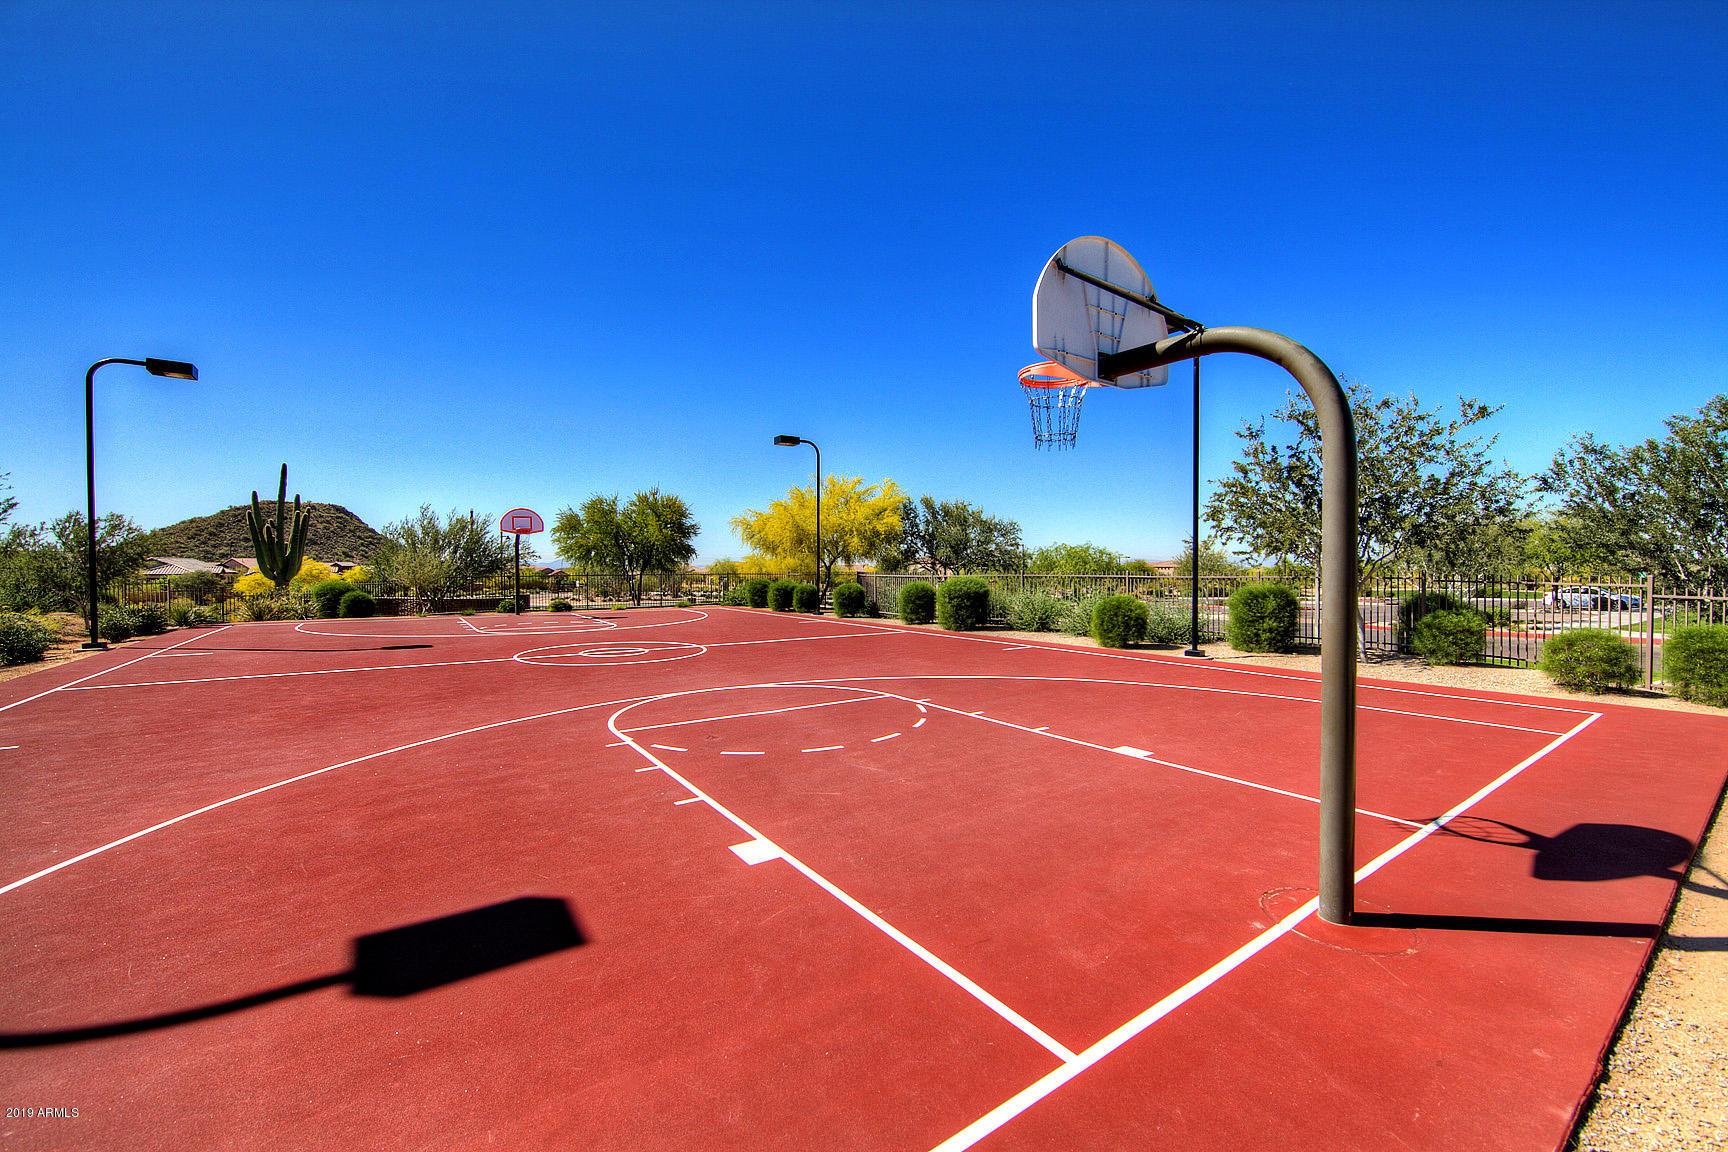 MLS 5962162 1842 N RED Cliff, Mesa, AZ 85207 Mesa AZ Condo or Townhome